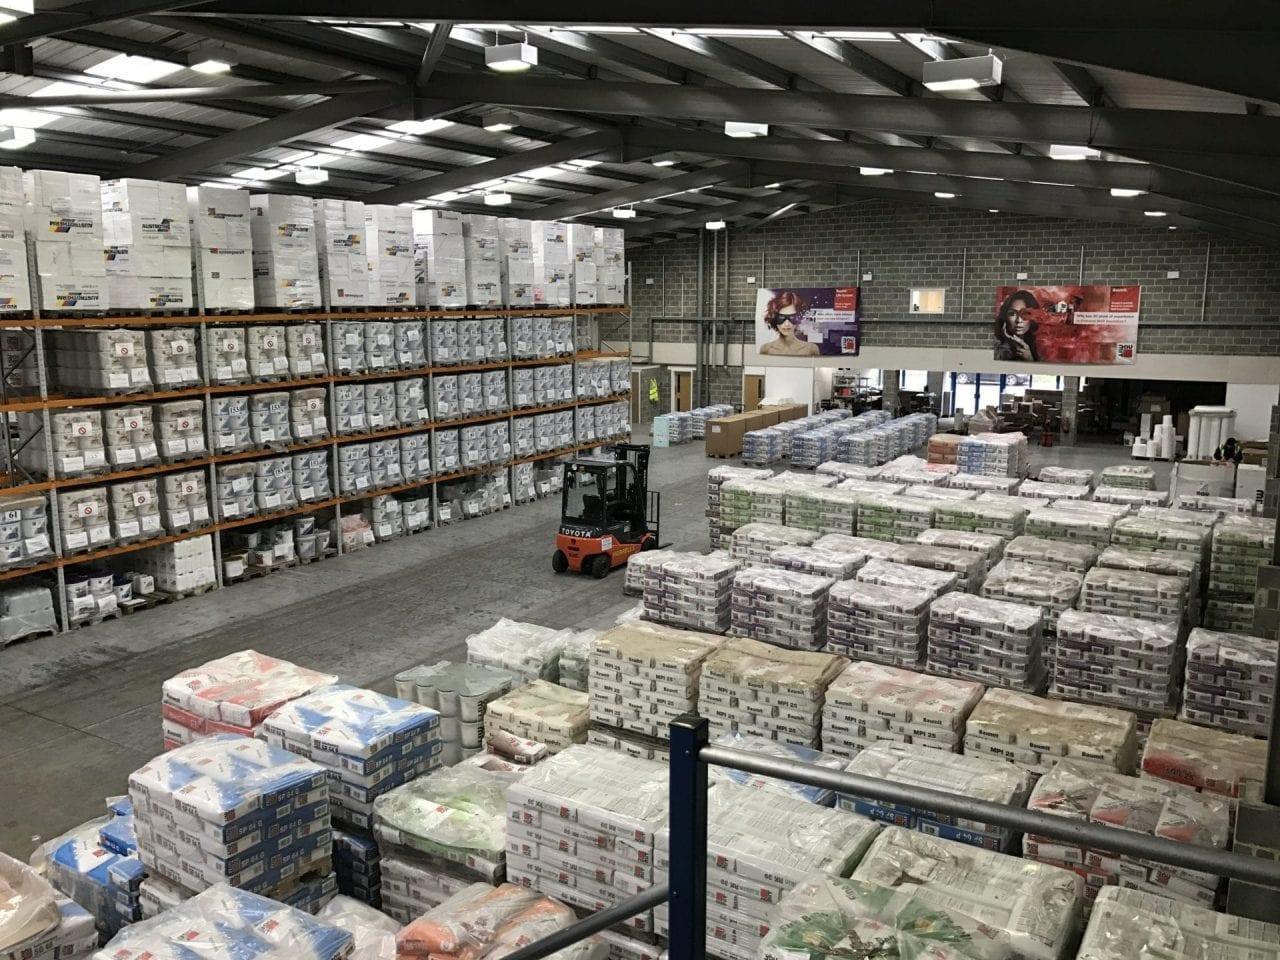 materiale constructii - Analiză Real Estate: Zeci de milioane de euro investiți în noi fabrici de materiale de construcții